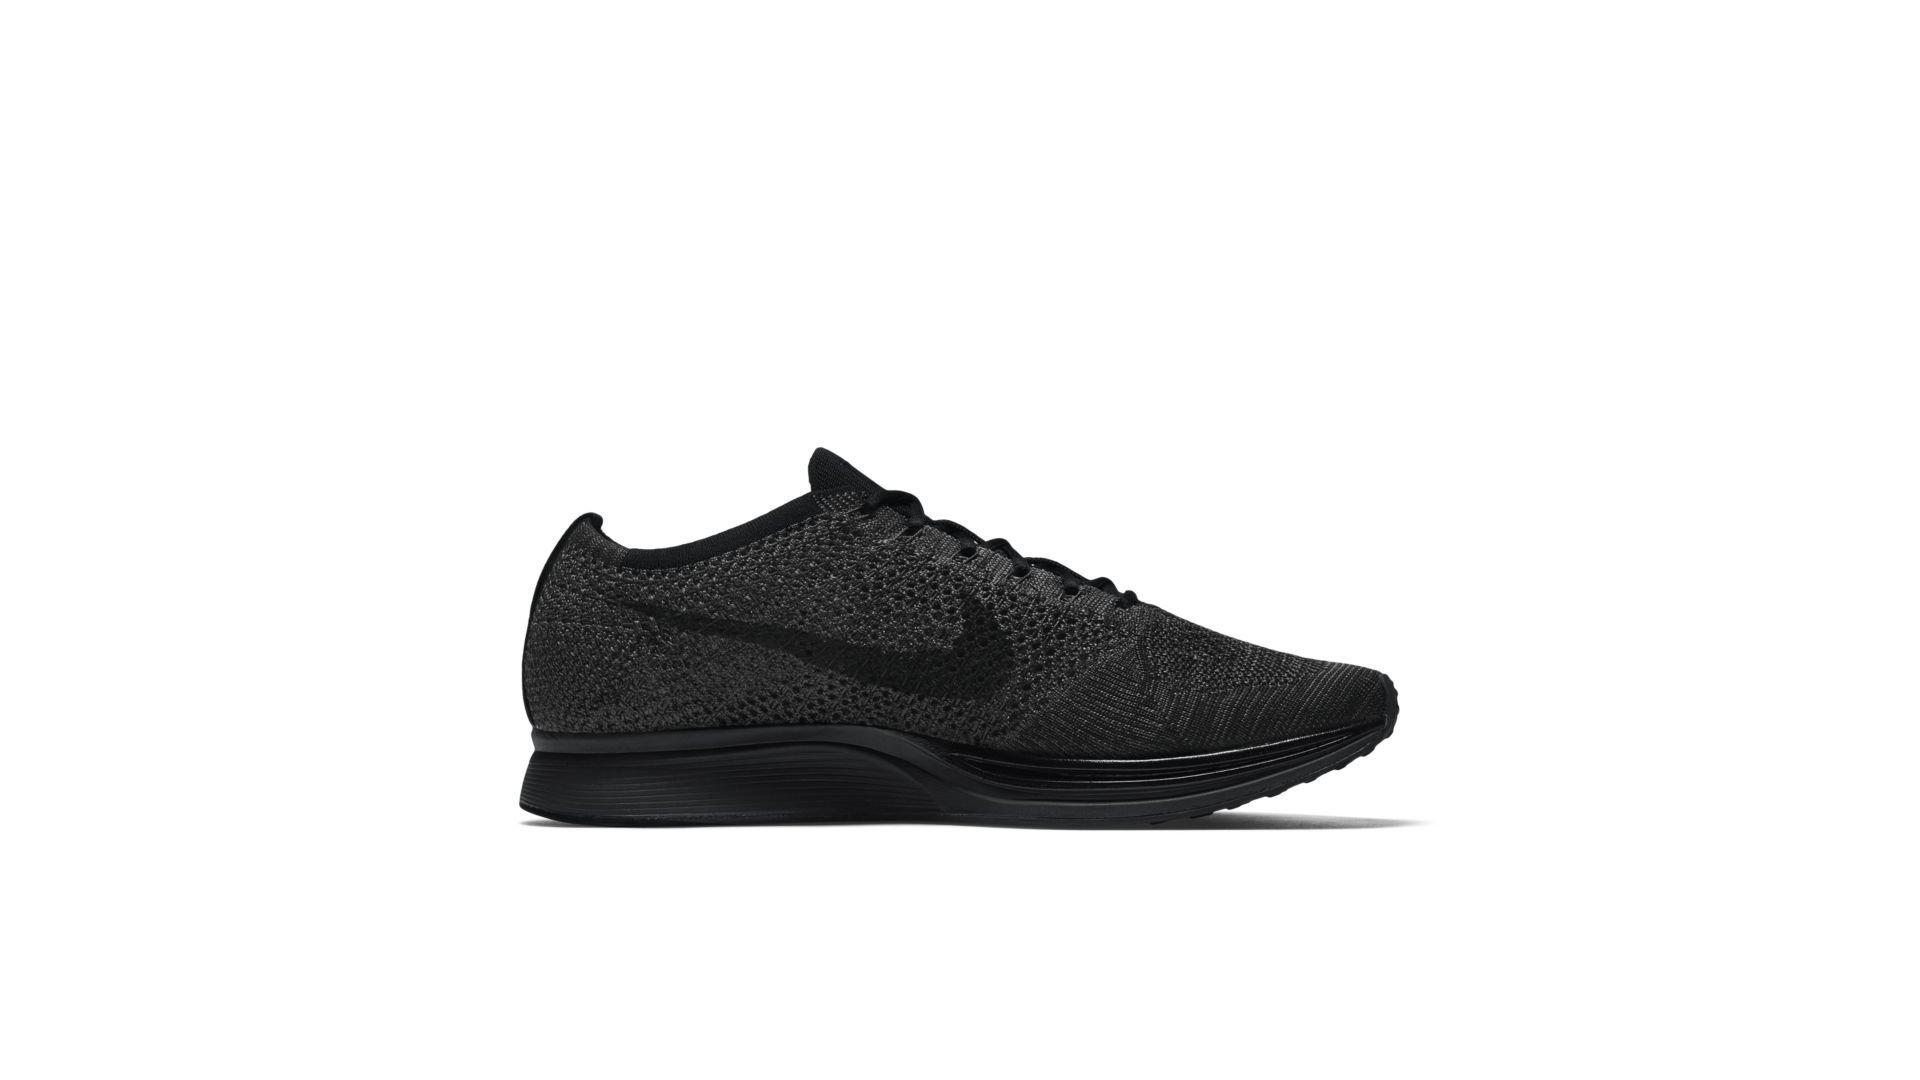 Nike Flyknit Racer Triple Black (526628-009)